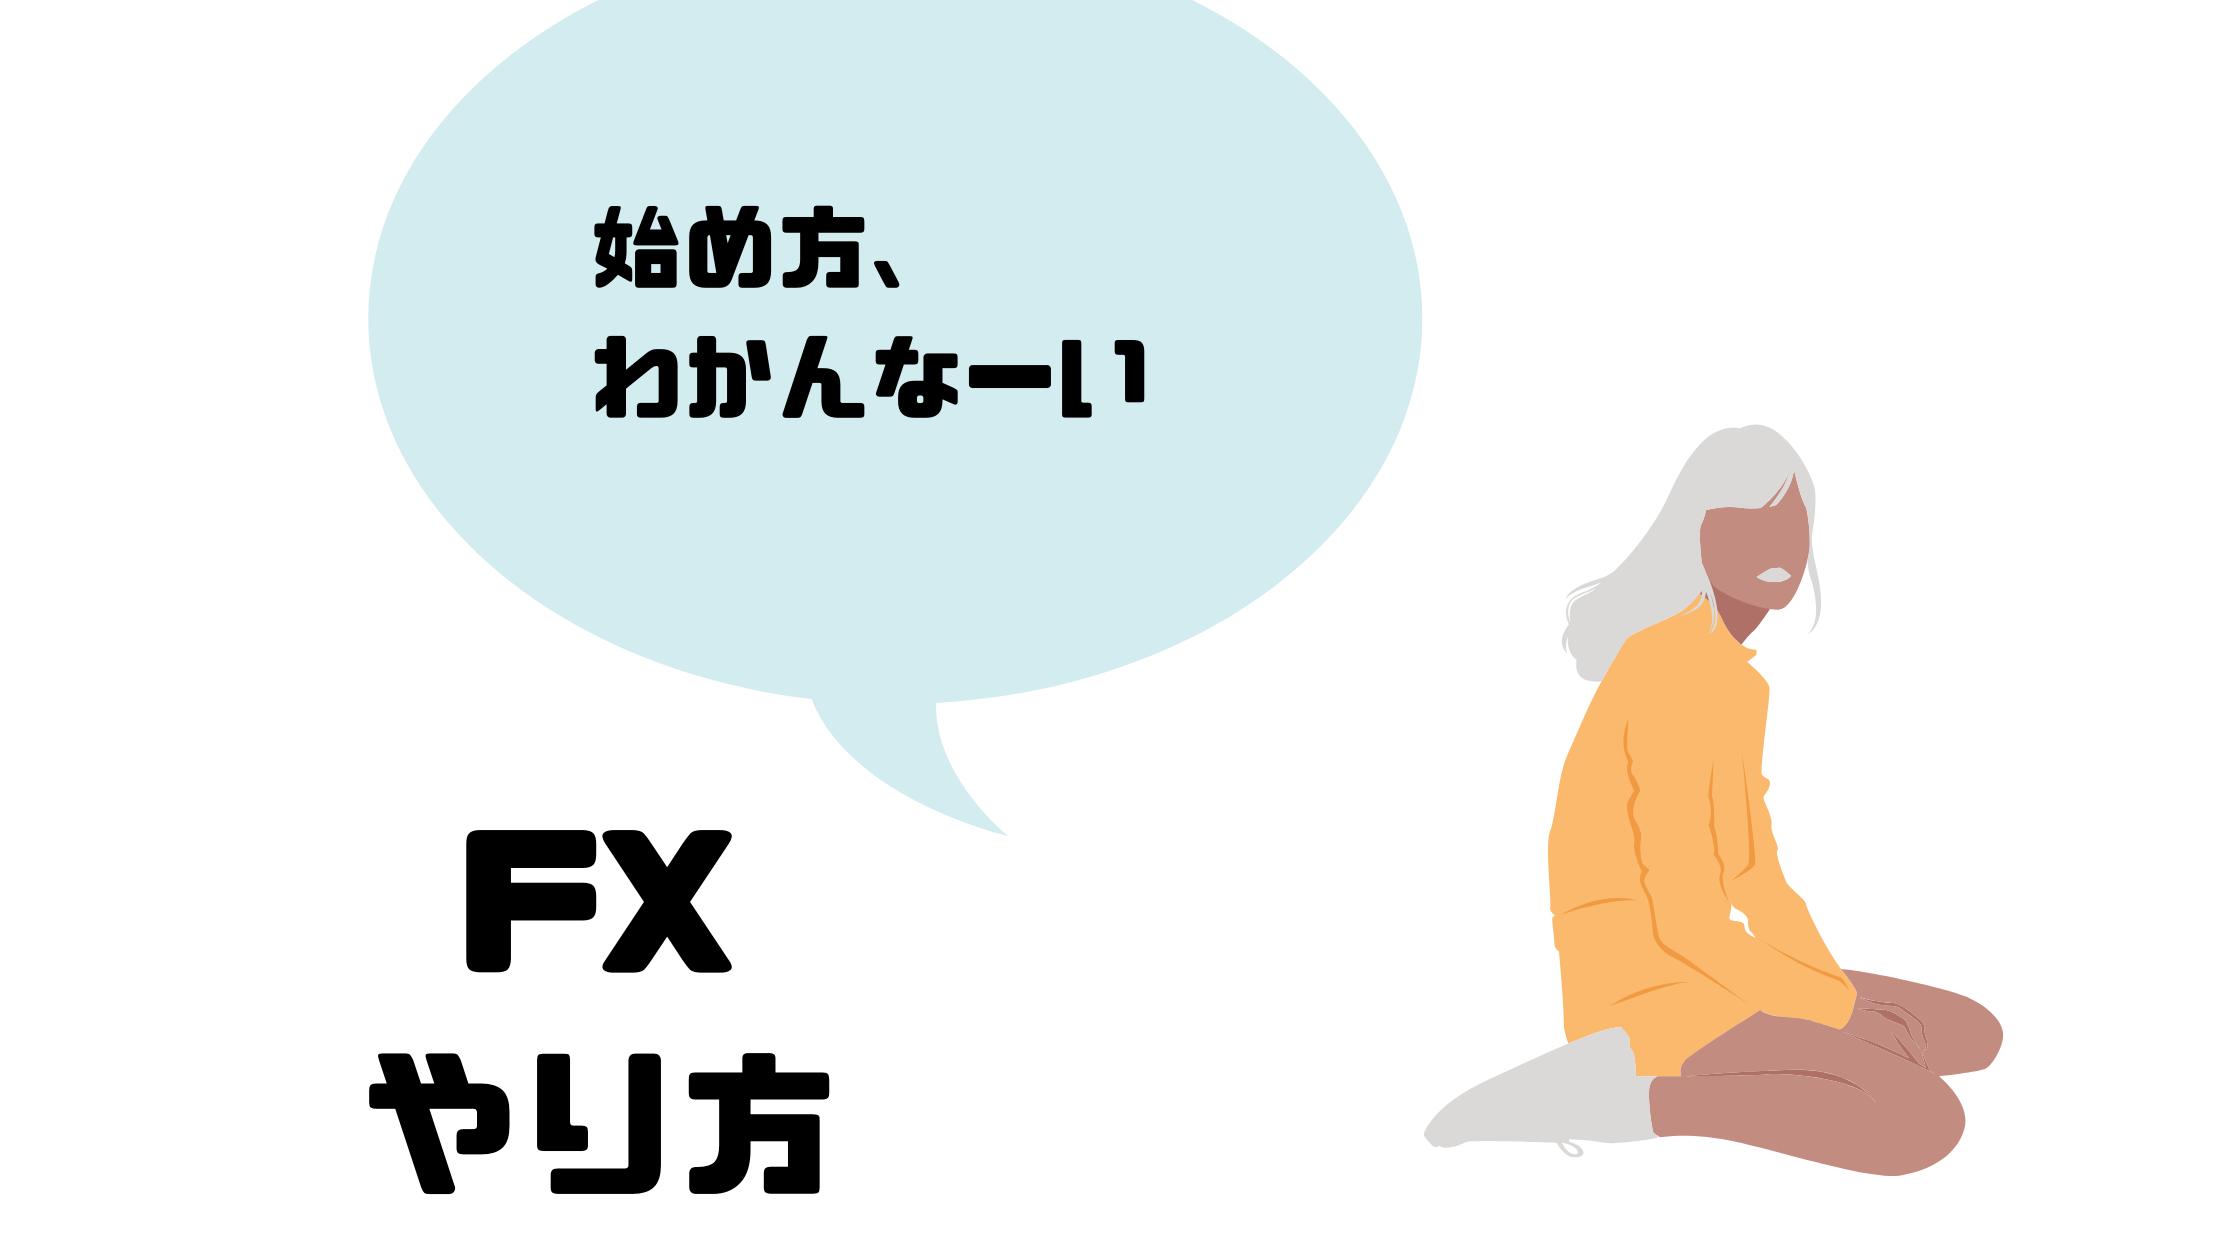 FX_やり方